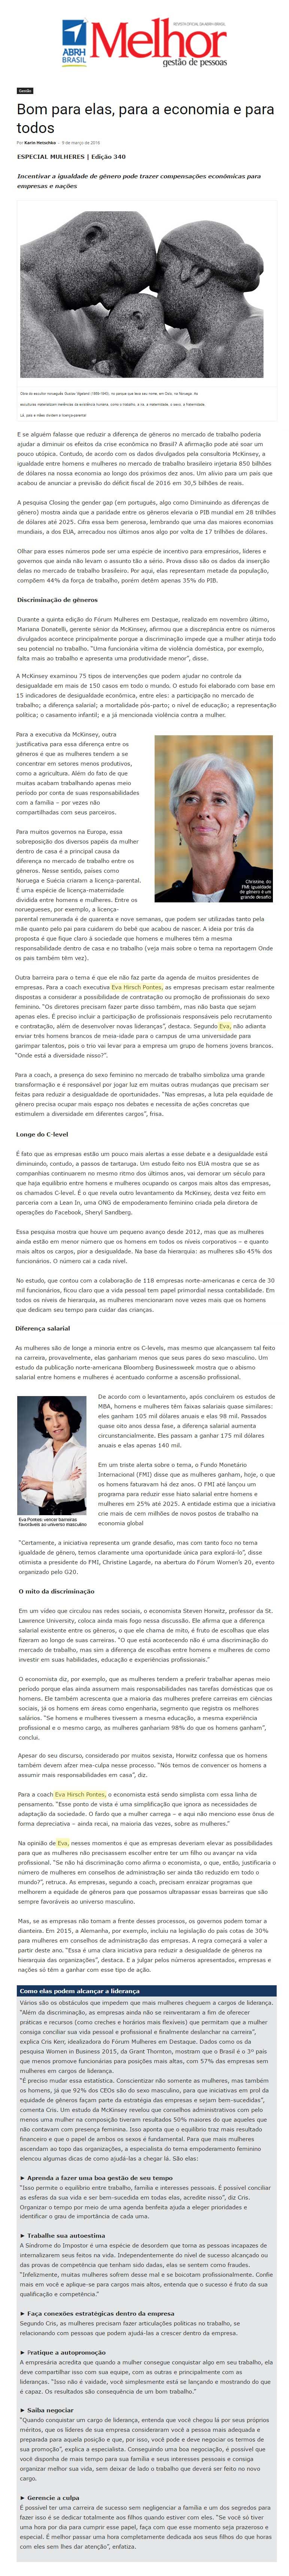 Melhor-Gestão-de-Pessoas_Noticias_09.03.2016